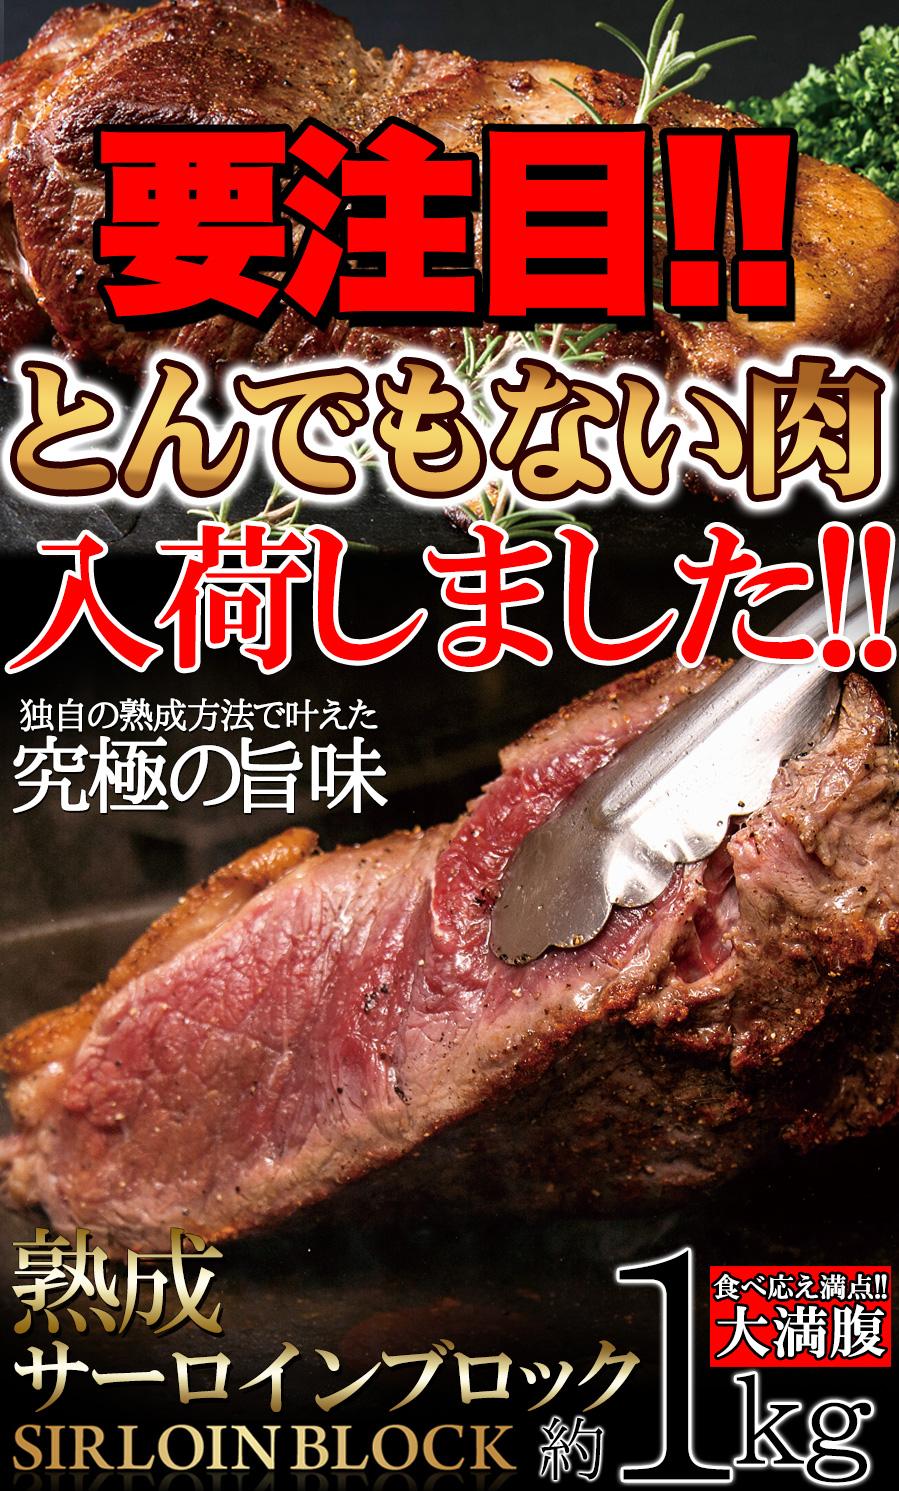 ステーキに☆ローストビーフに☆BBQに最適なお肉のかたまり!!熟成サーロインブロック1kg<冷凍商品> 熟成肉 取り寄せ 個別送料別 メーカー直送品 代引不可